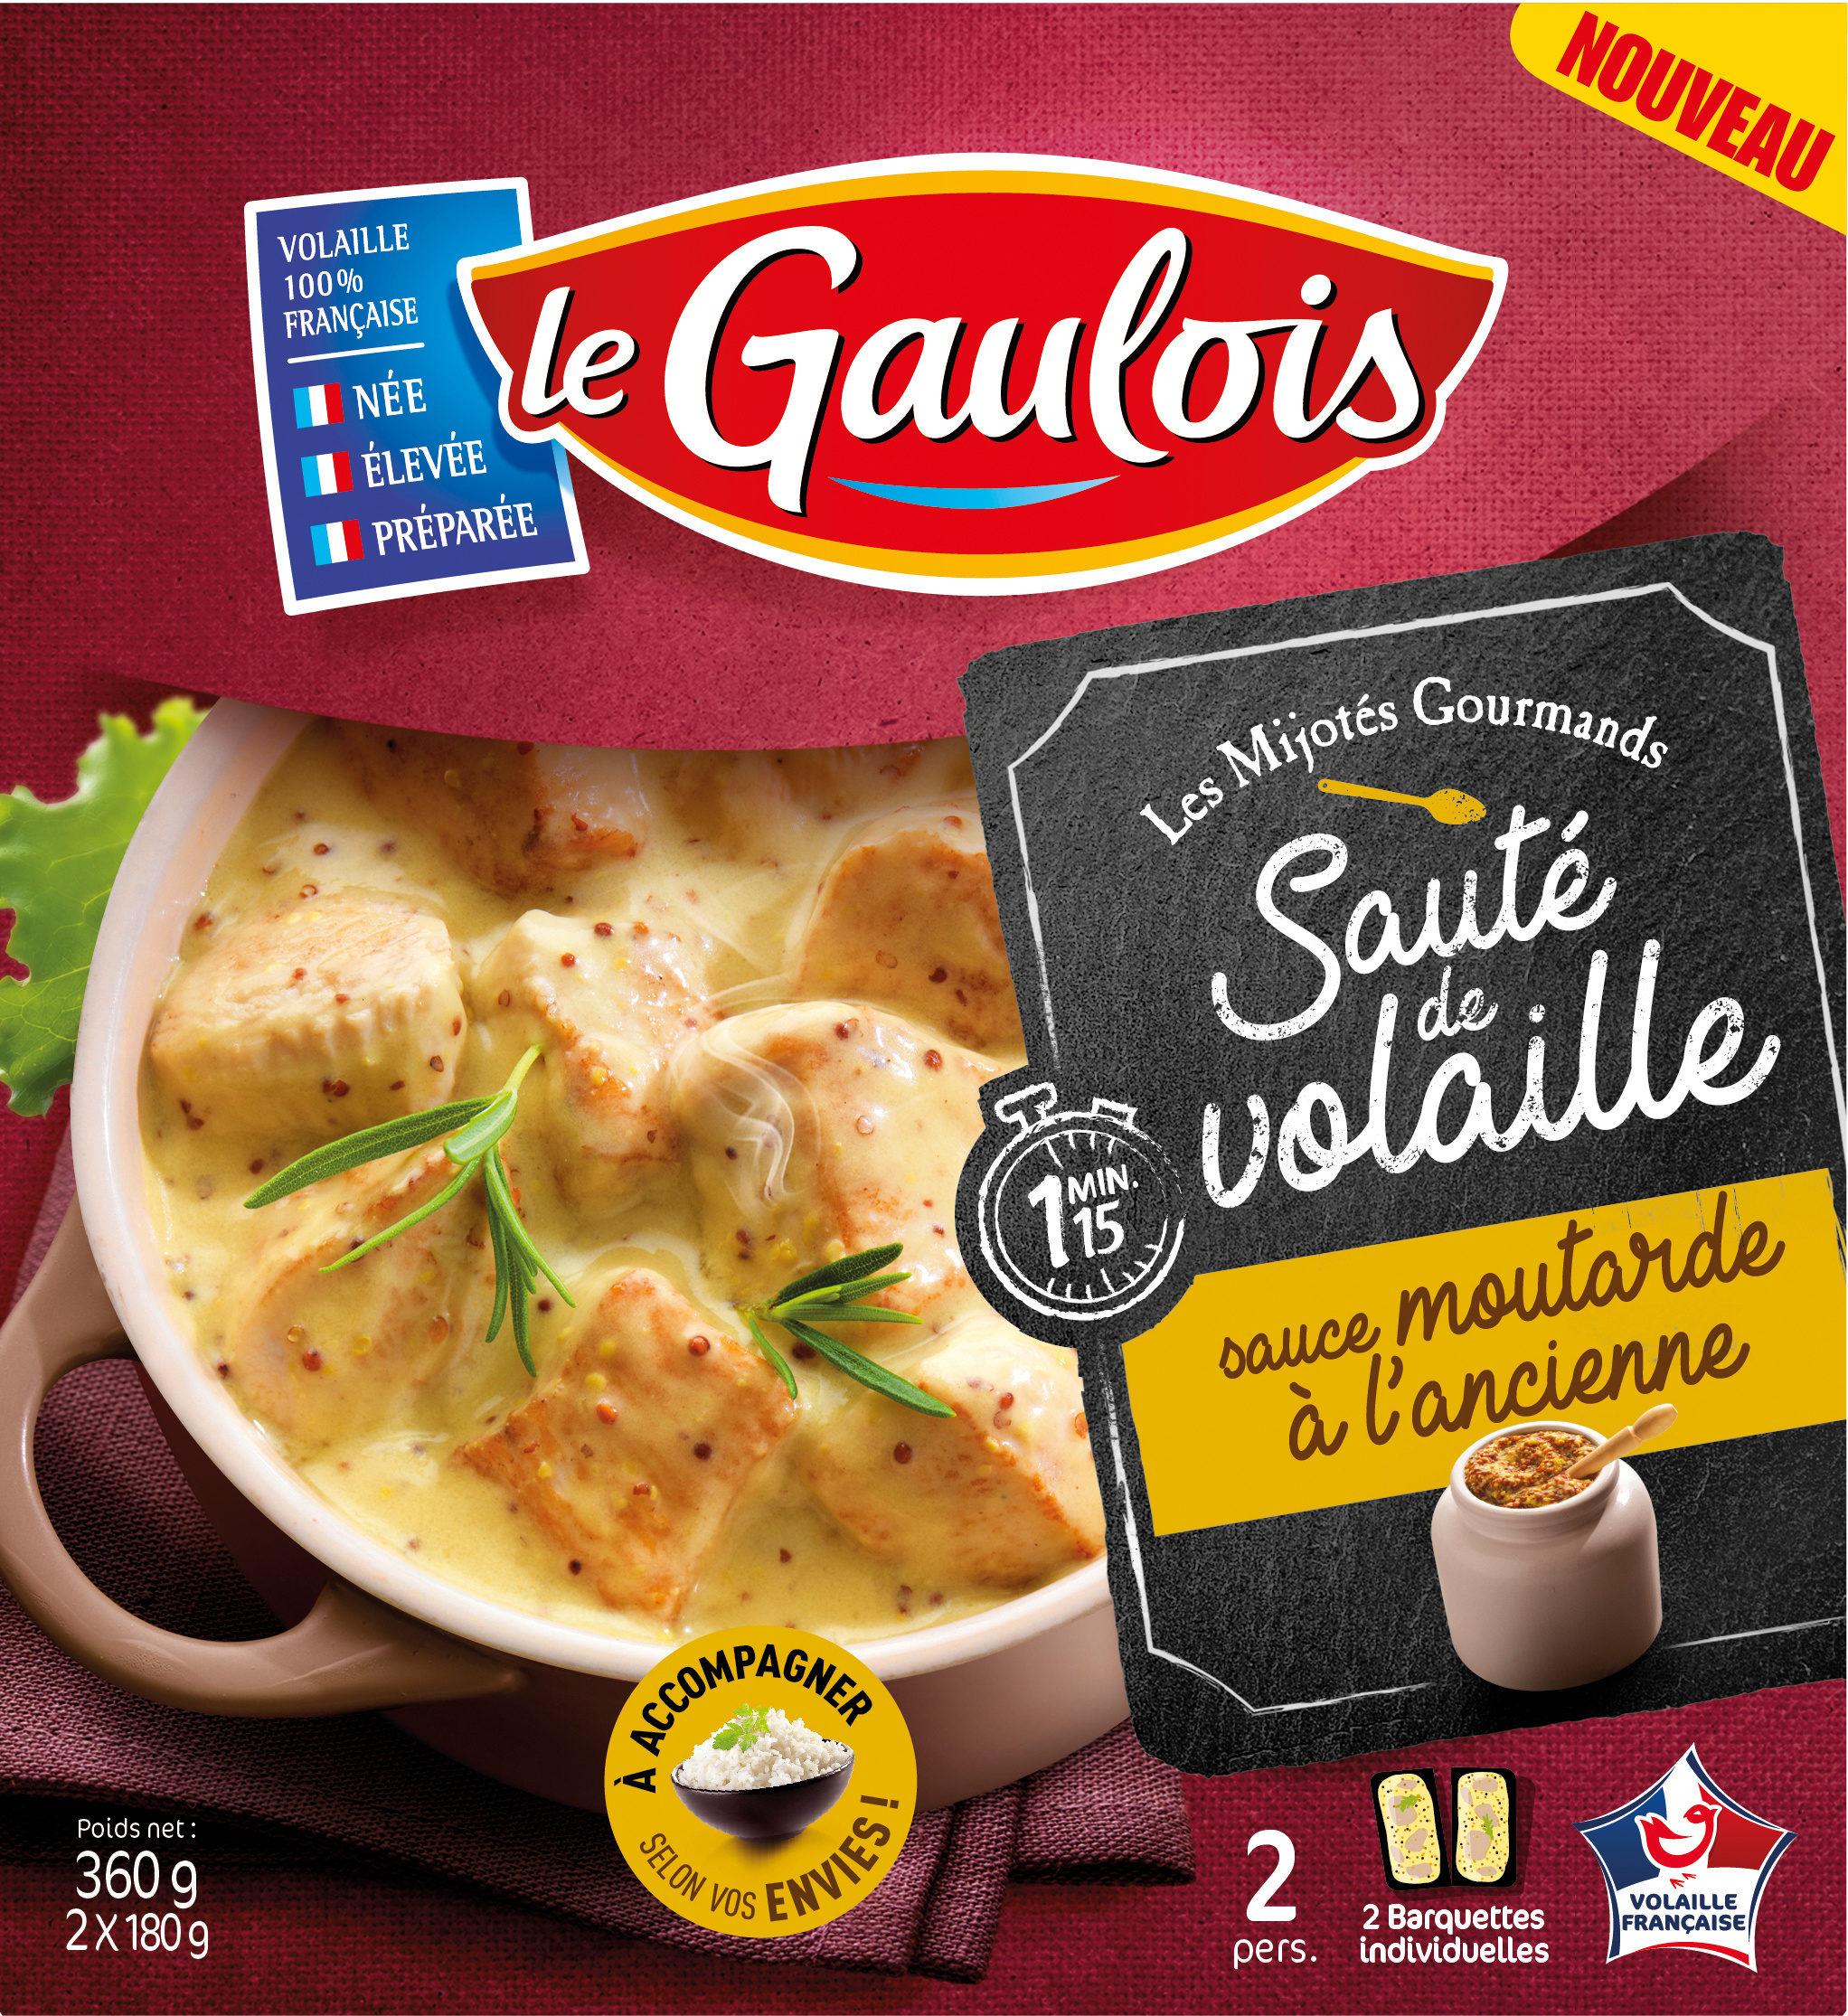 sauté volaille sauce moutarde à l'ancienne s/étui - Produit - fr